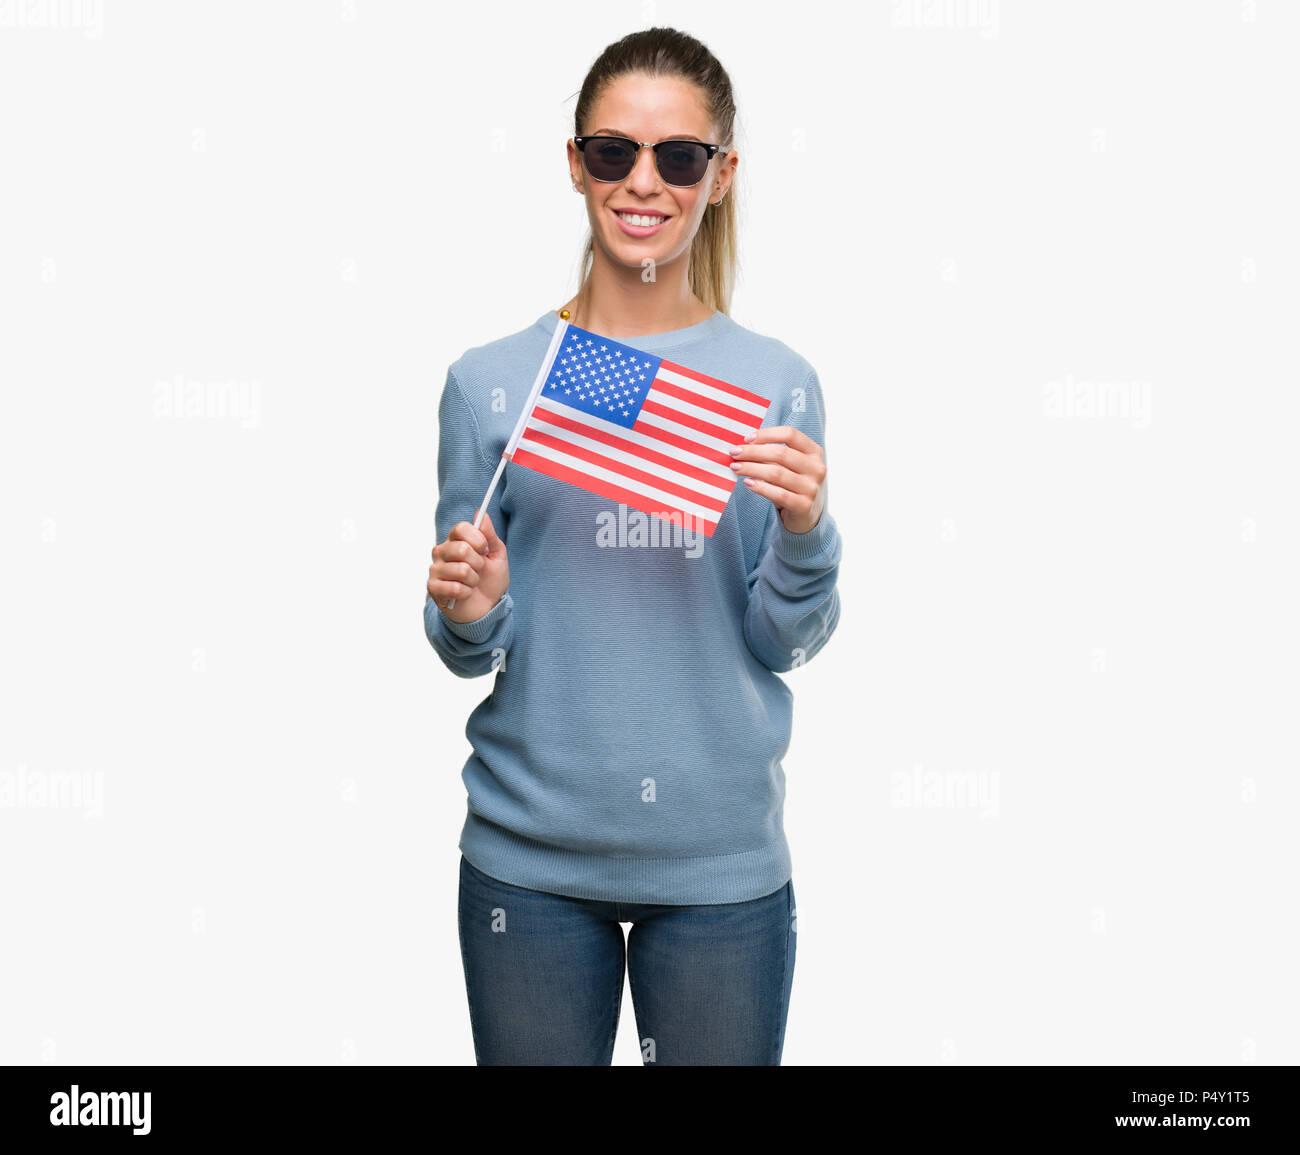 Bella giovane donna holding bandiera degli Stati Uniti con una faccia felice in piedi e sorridente con un sorriso sicuro che mostra i denti Immagini Stock